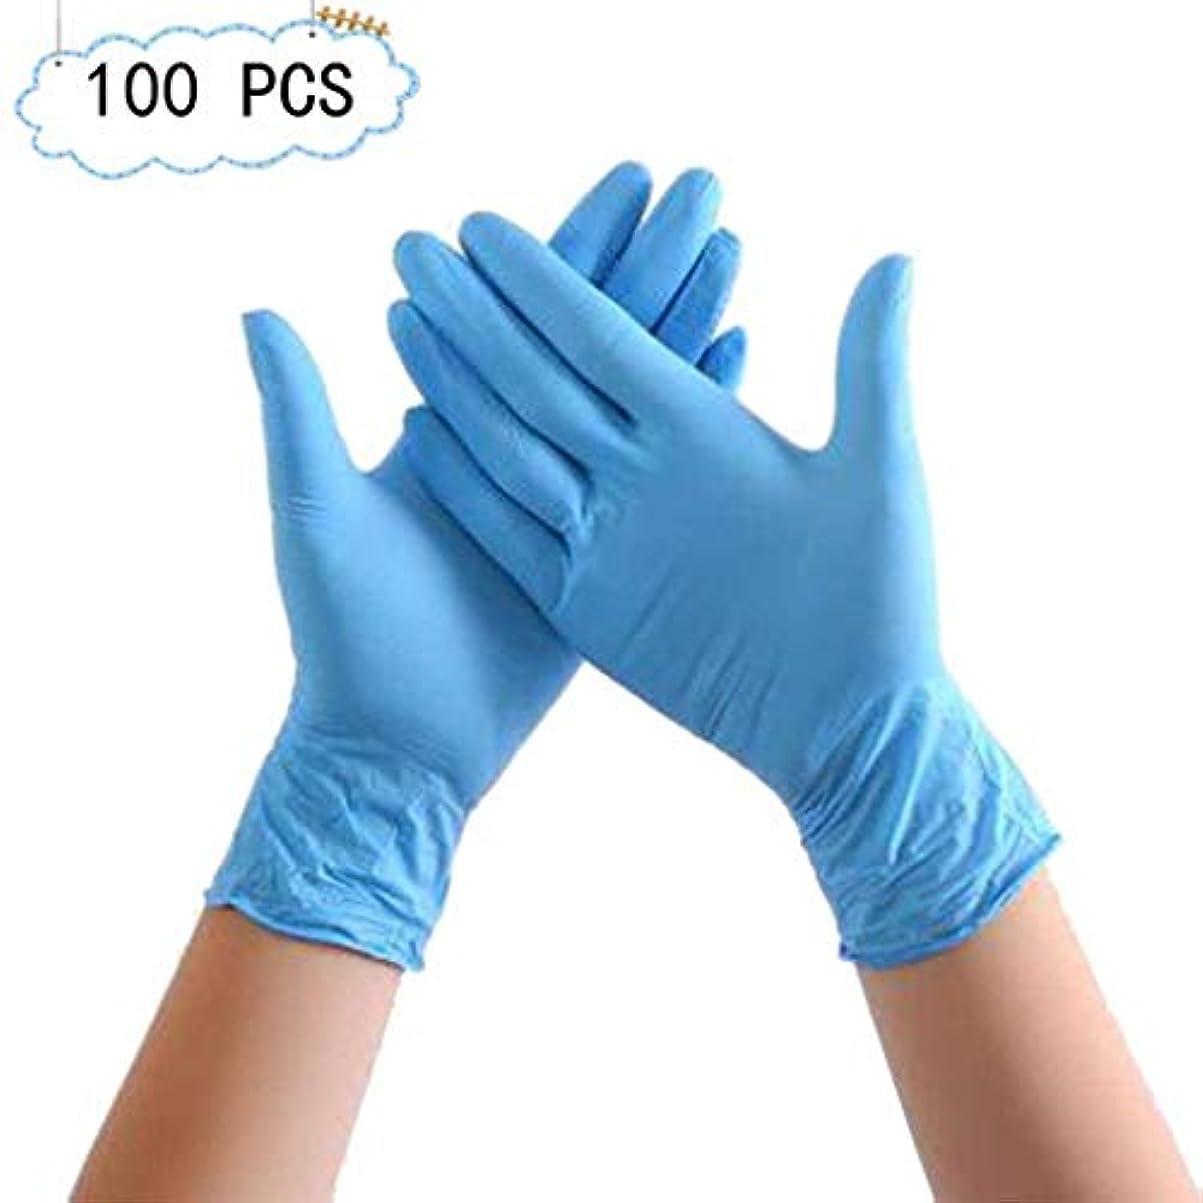 配置ボランティアファッションニトリル手袋手袋9インチネイルアート検査保護実験、美容院ラテックスフリー、パウダーフリー、100個 (Color : Blue, Size : L)